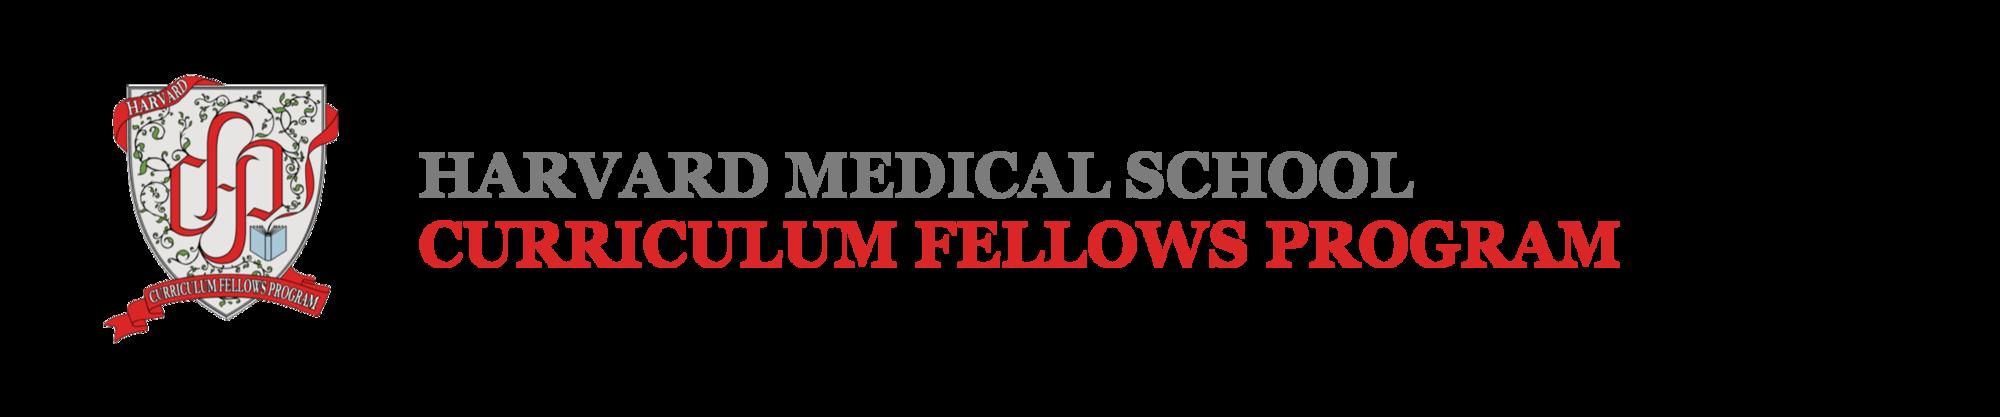 Seal Teaching Certificate Hms Curriculum Fellows Program